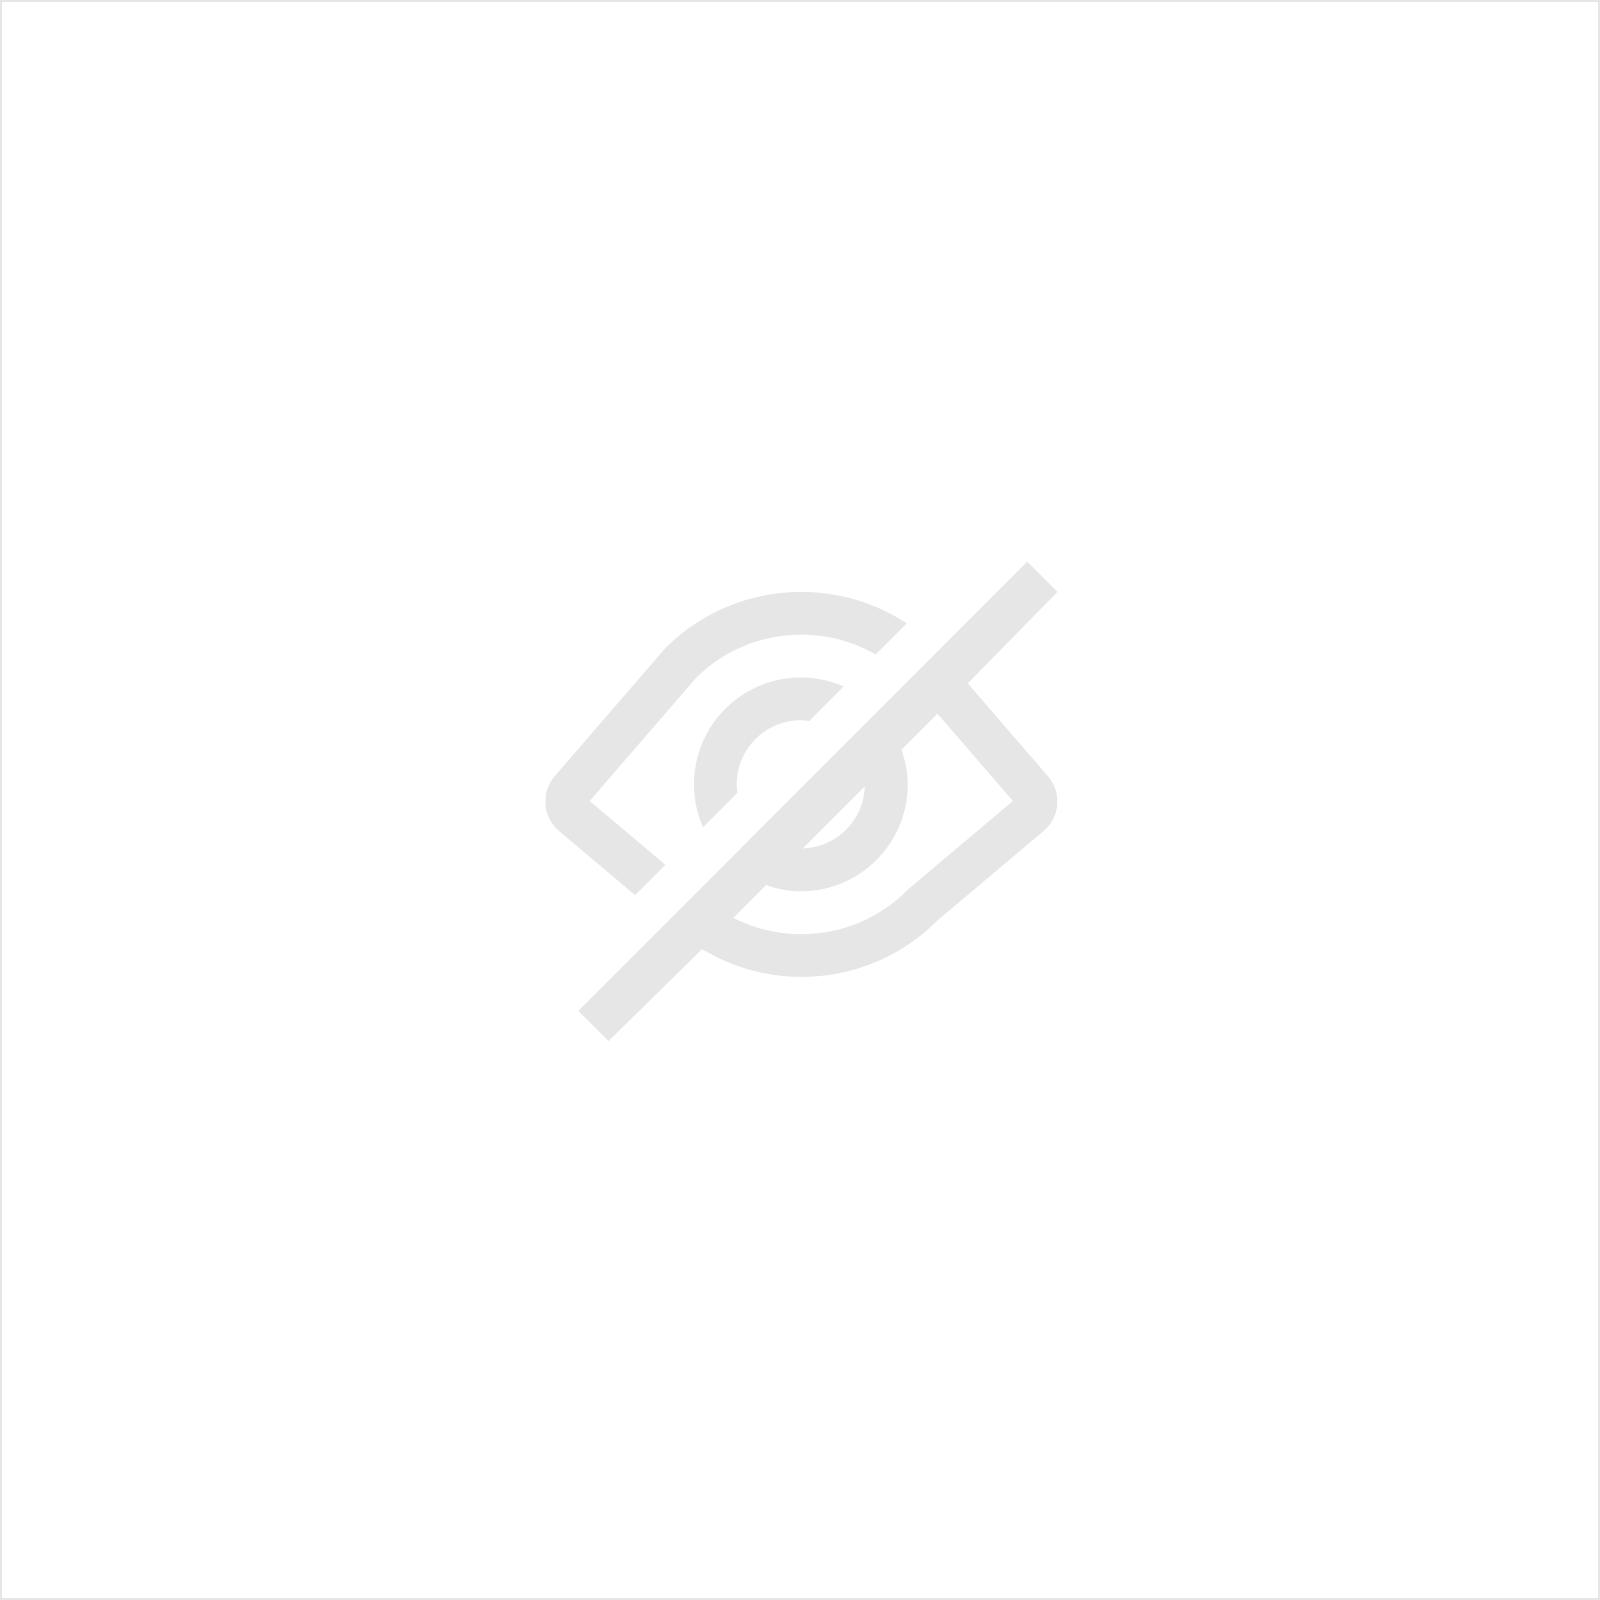 GEREEDSCHAPSCOMBI TOTAAL 19 LADEN +  ZIJKAST